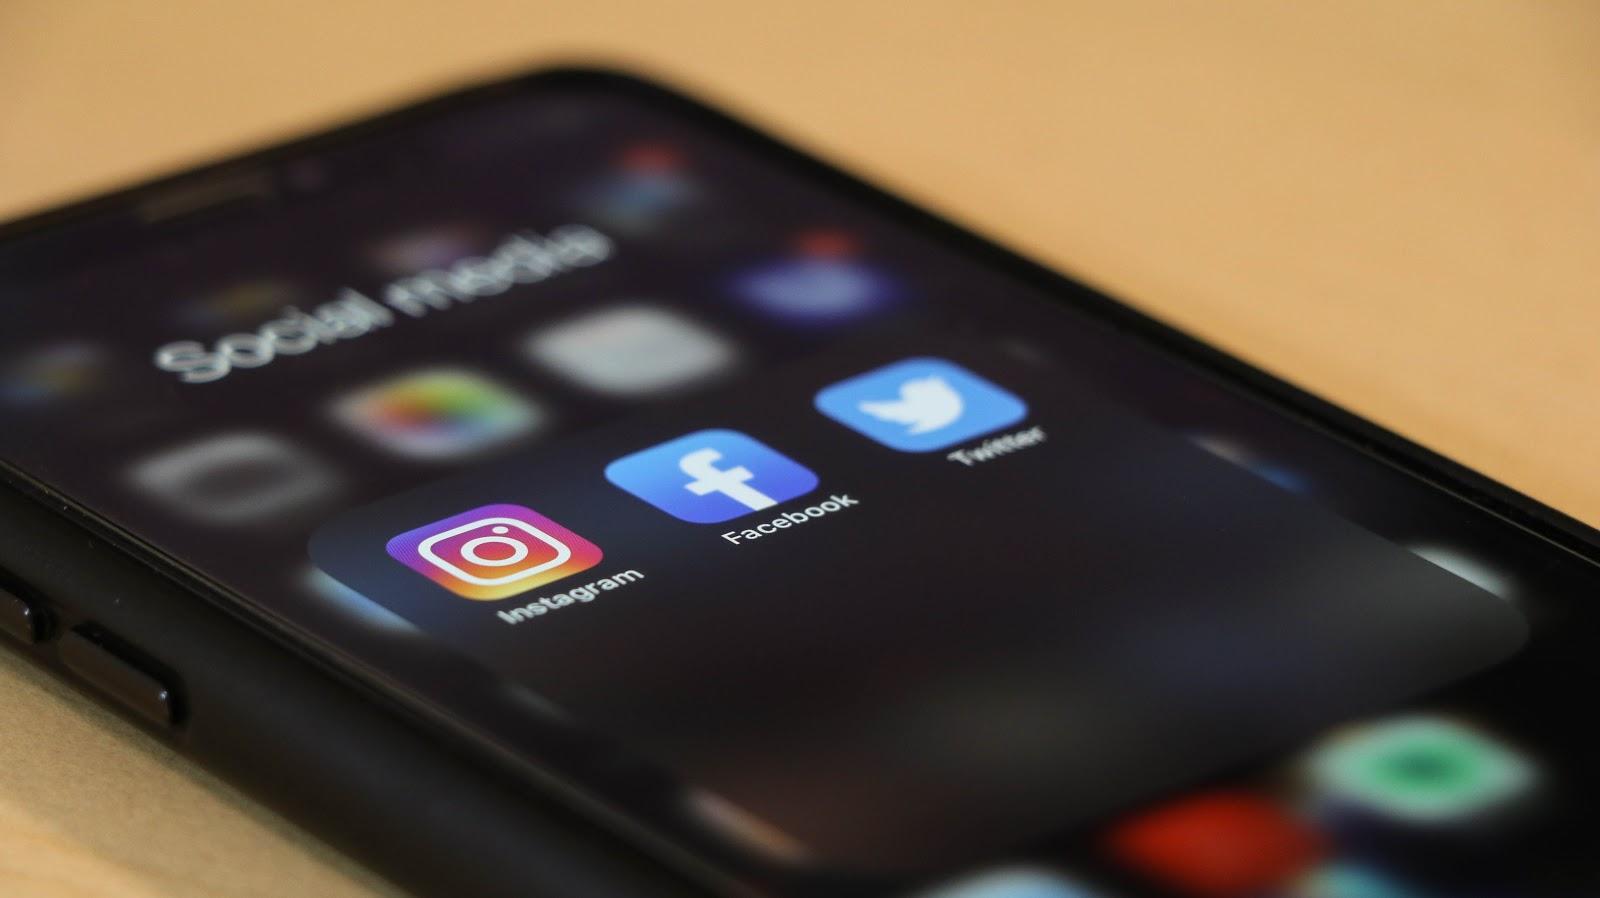 Telefoon met social media apps open